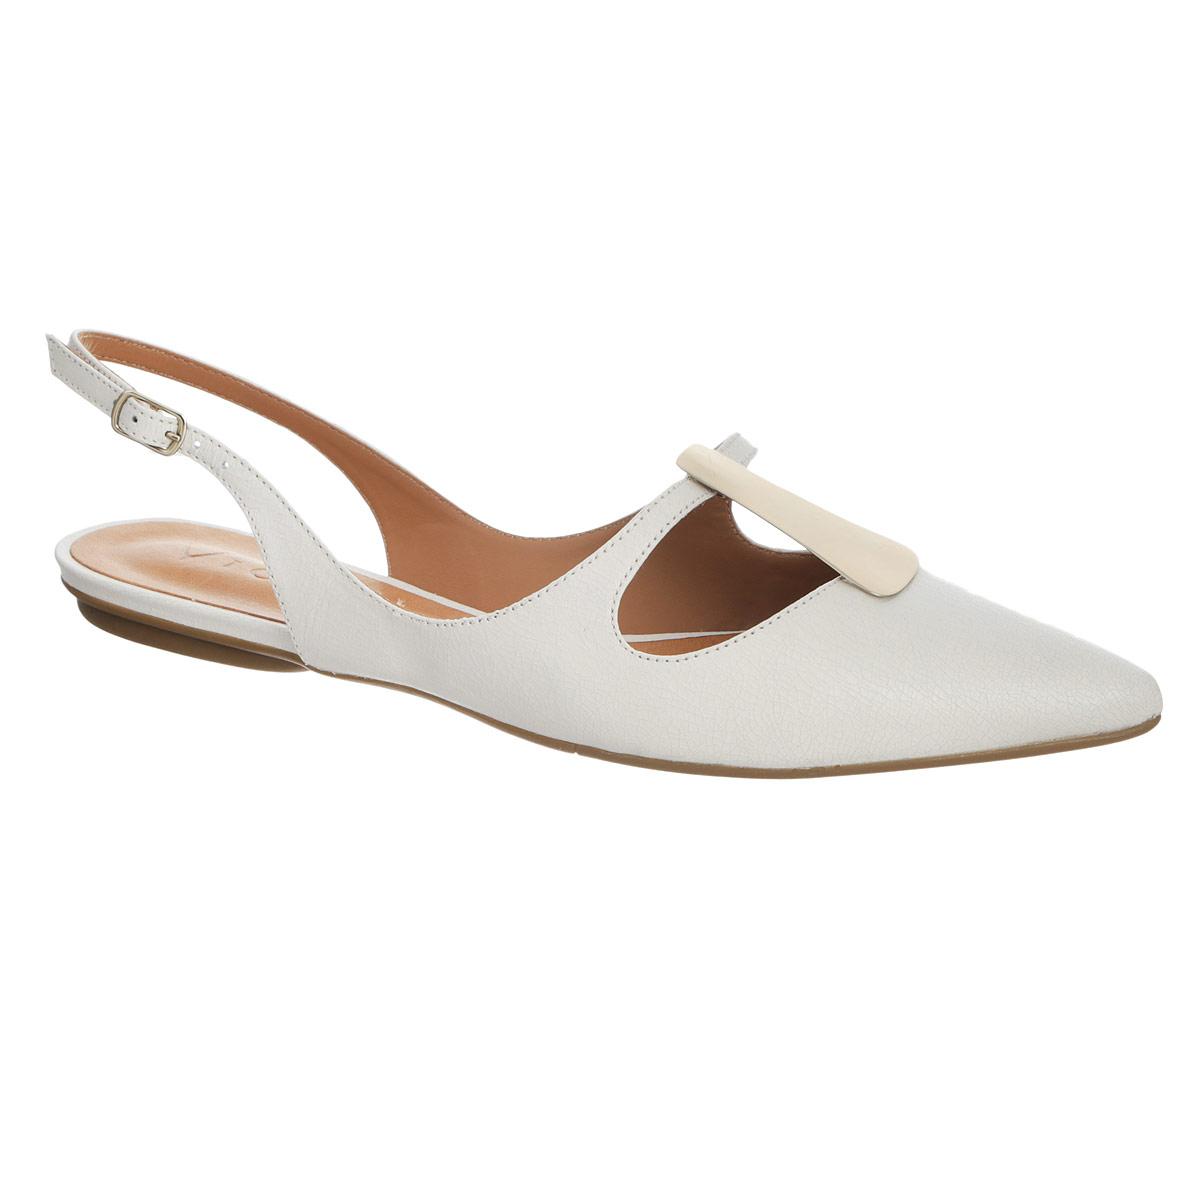 Балетки Vicenza, цвет: молочный. 5827024. Размер BRA 36 (37)5827024Модные балетки от Vicenza займут достойное место среди вашей обуви. Модель выполнена из натуральной высококачественной кожи и оформлена широким вырезом и оригинальной металлической пластиной спереди. Заостренный носок смотрится невероятно женственно. Открытый задник обеспечивает отличную вентиляцию, позволяет вашим ногам дышать. Ремешок с металлической пряжкой прочно зафиксирует модель на вашей щиколотке. Длина ремешка регулируется за счет болта. Стелька из натуральной кожи гарантирует комфорт при ходьбе. Подошва с рифлением обеспечивает максимальное сцепление с поверхностью.Удобные балетки придутся по душе каждой женщине!